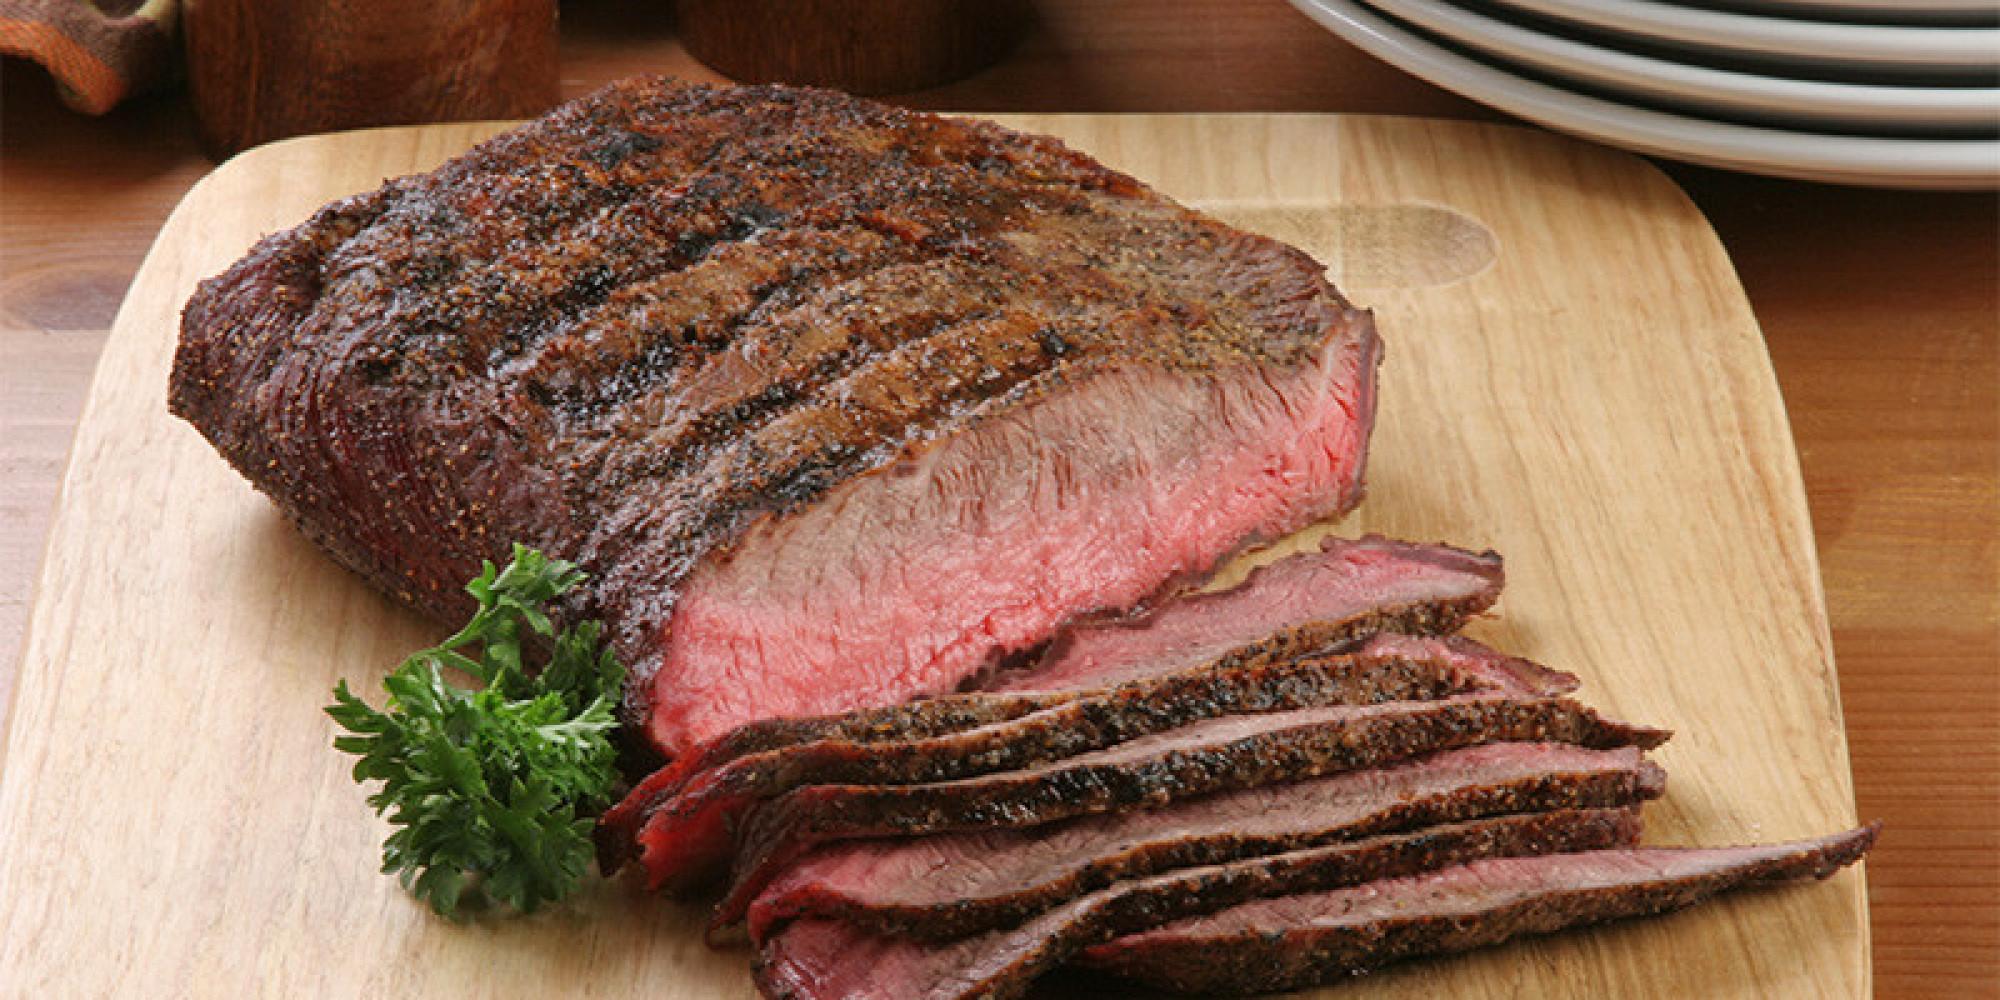 images of steak dinner - photo #41